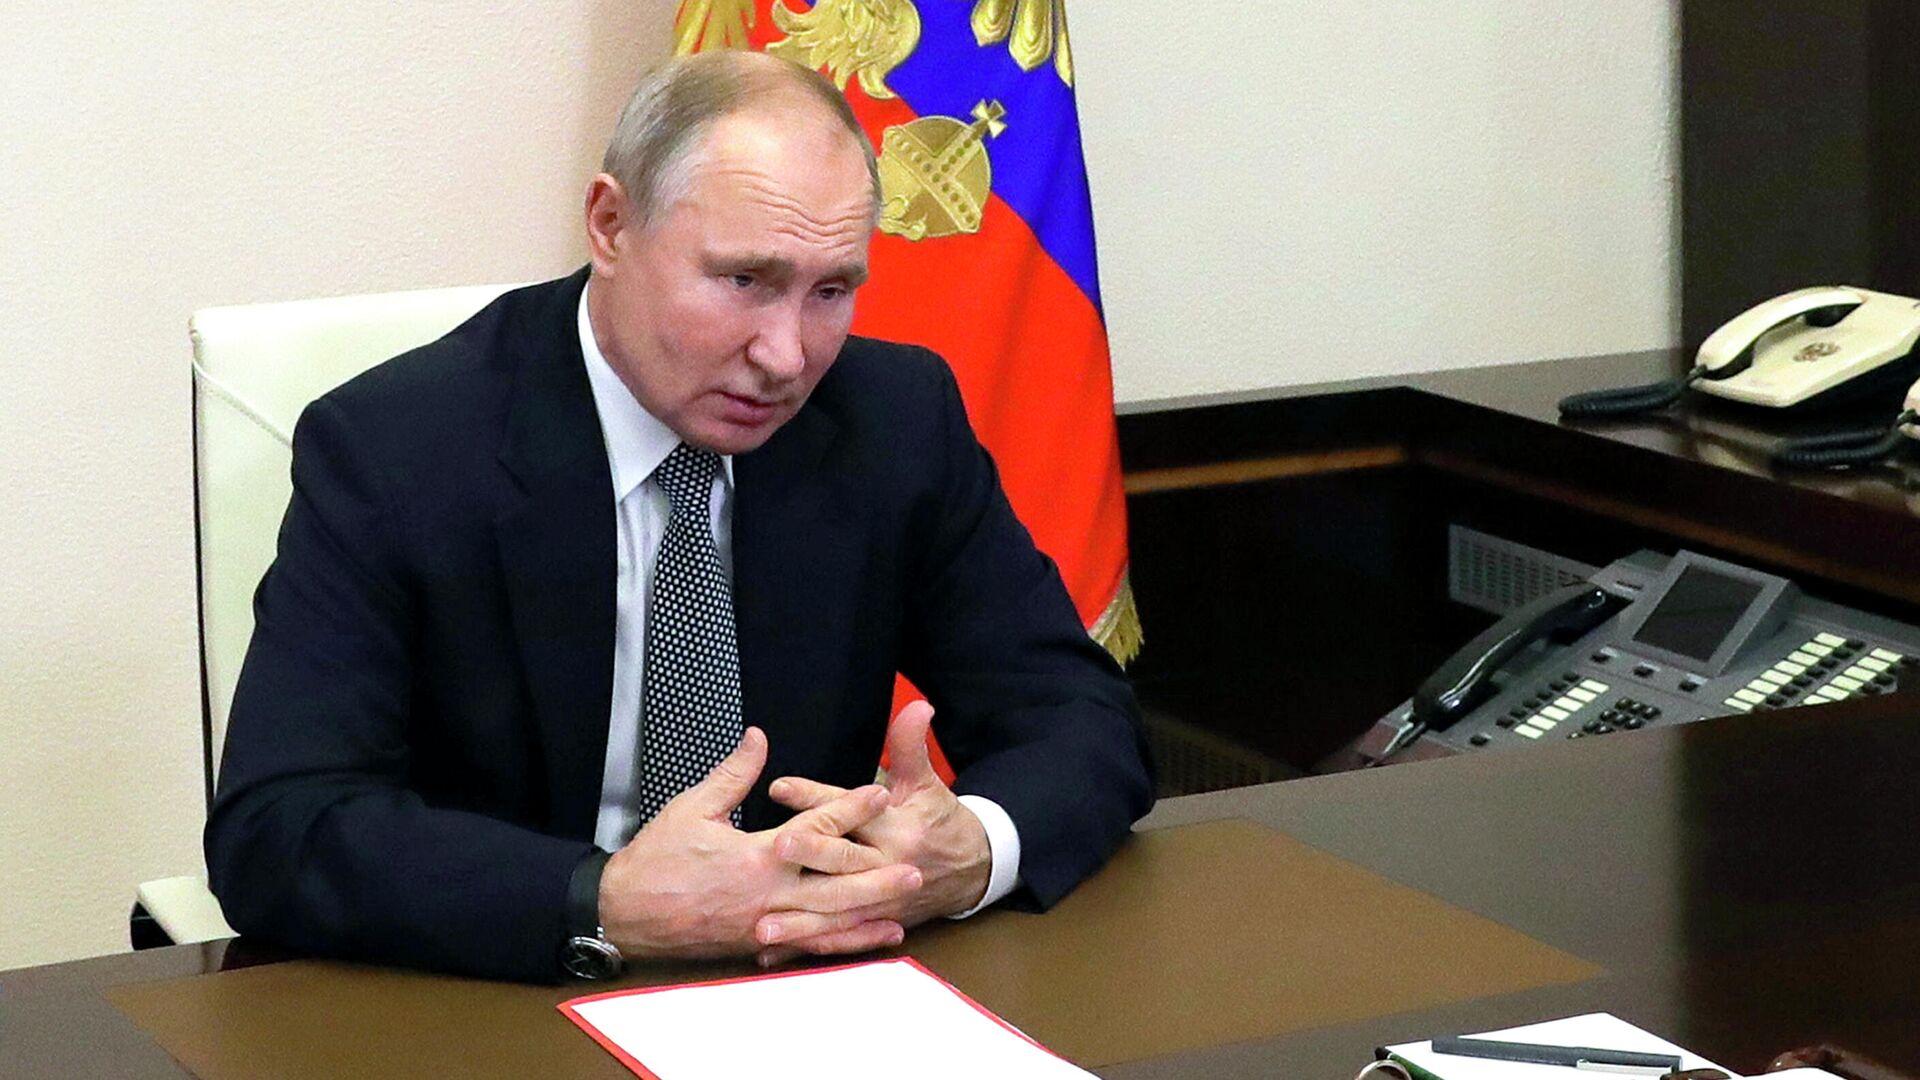 Russlands Präsident Wladimir Pudtin kündigt Ausstieg Moskaus aus dem Open-Skies-Vertrag an. Vorstadtresidenz Nowo-Ogarjowo, 15. Januar 2021 - SNA, 1920, 27.05.2021